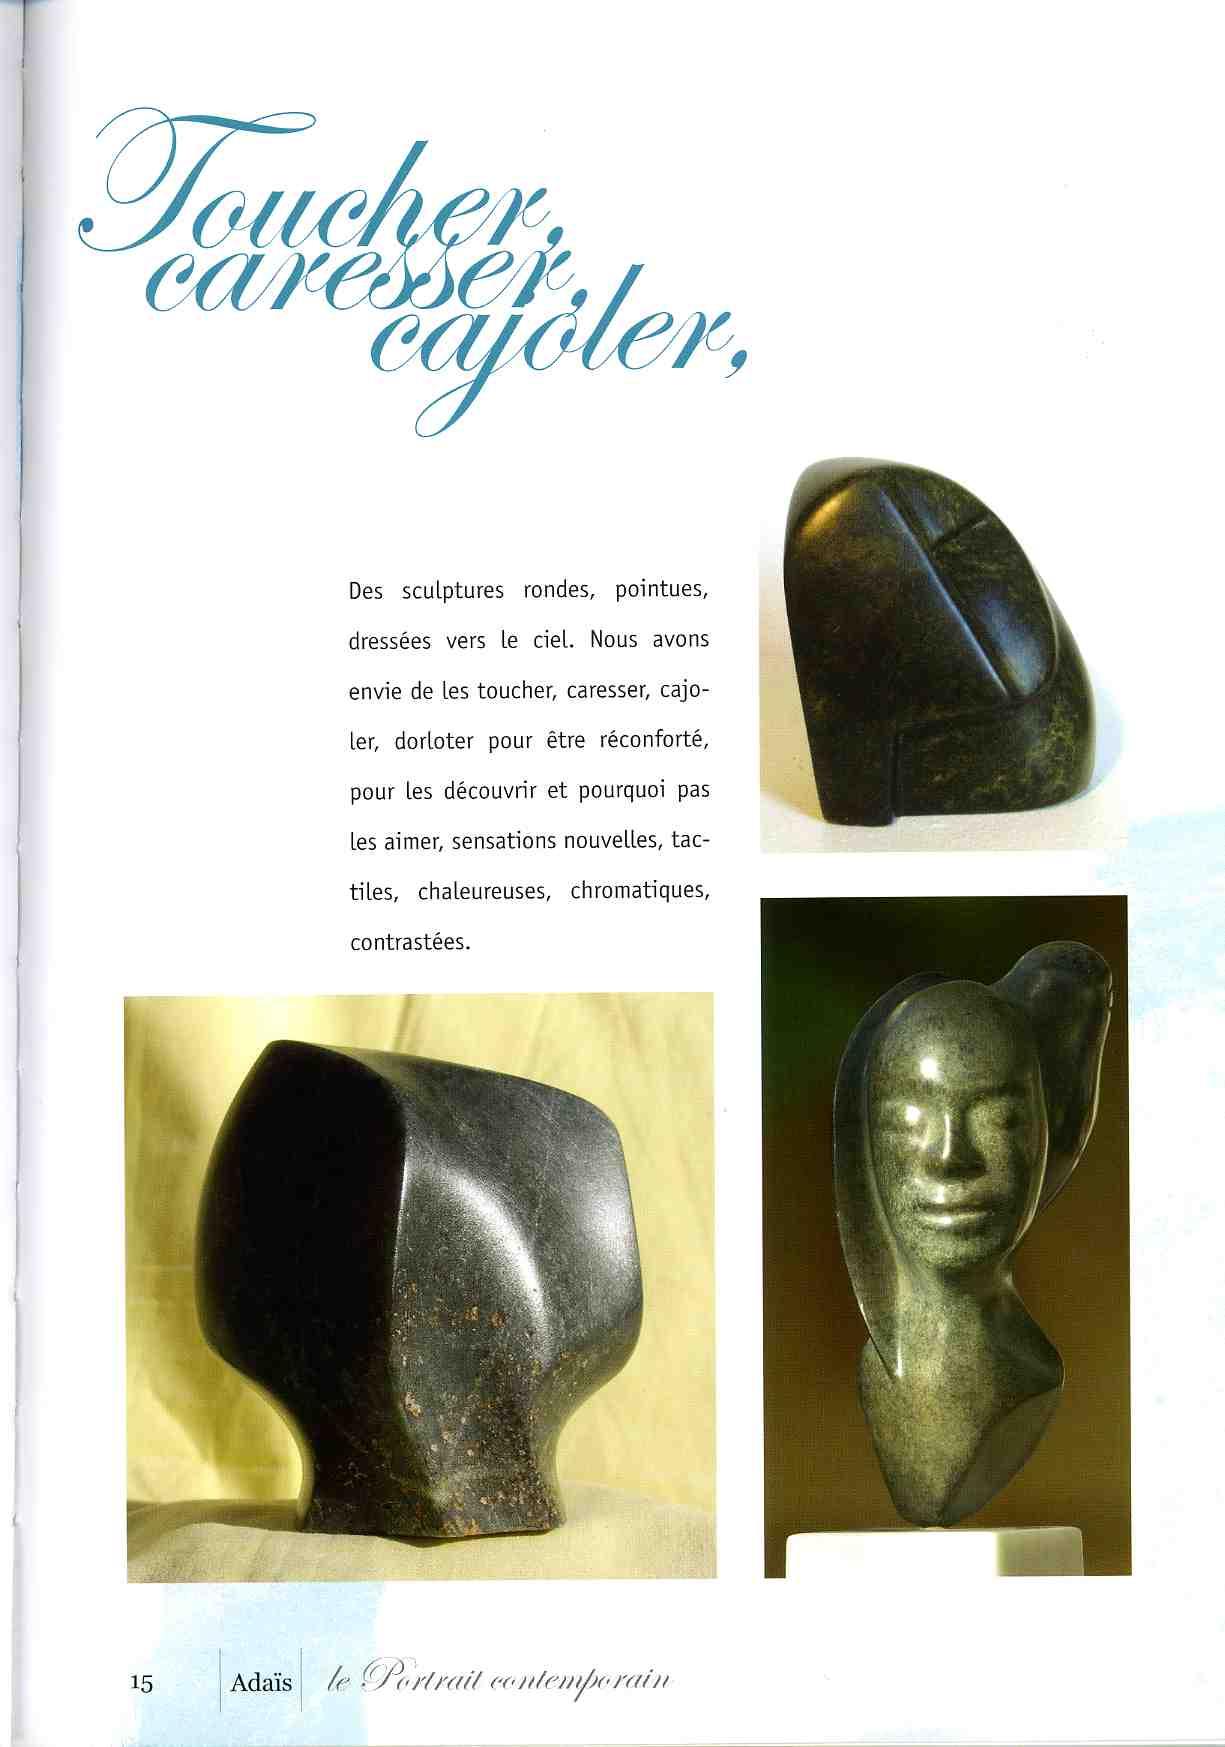 Adaïs - le Portrait contemporain - 2006 - Catalogue